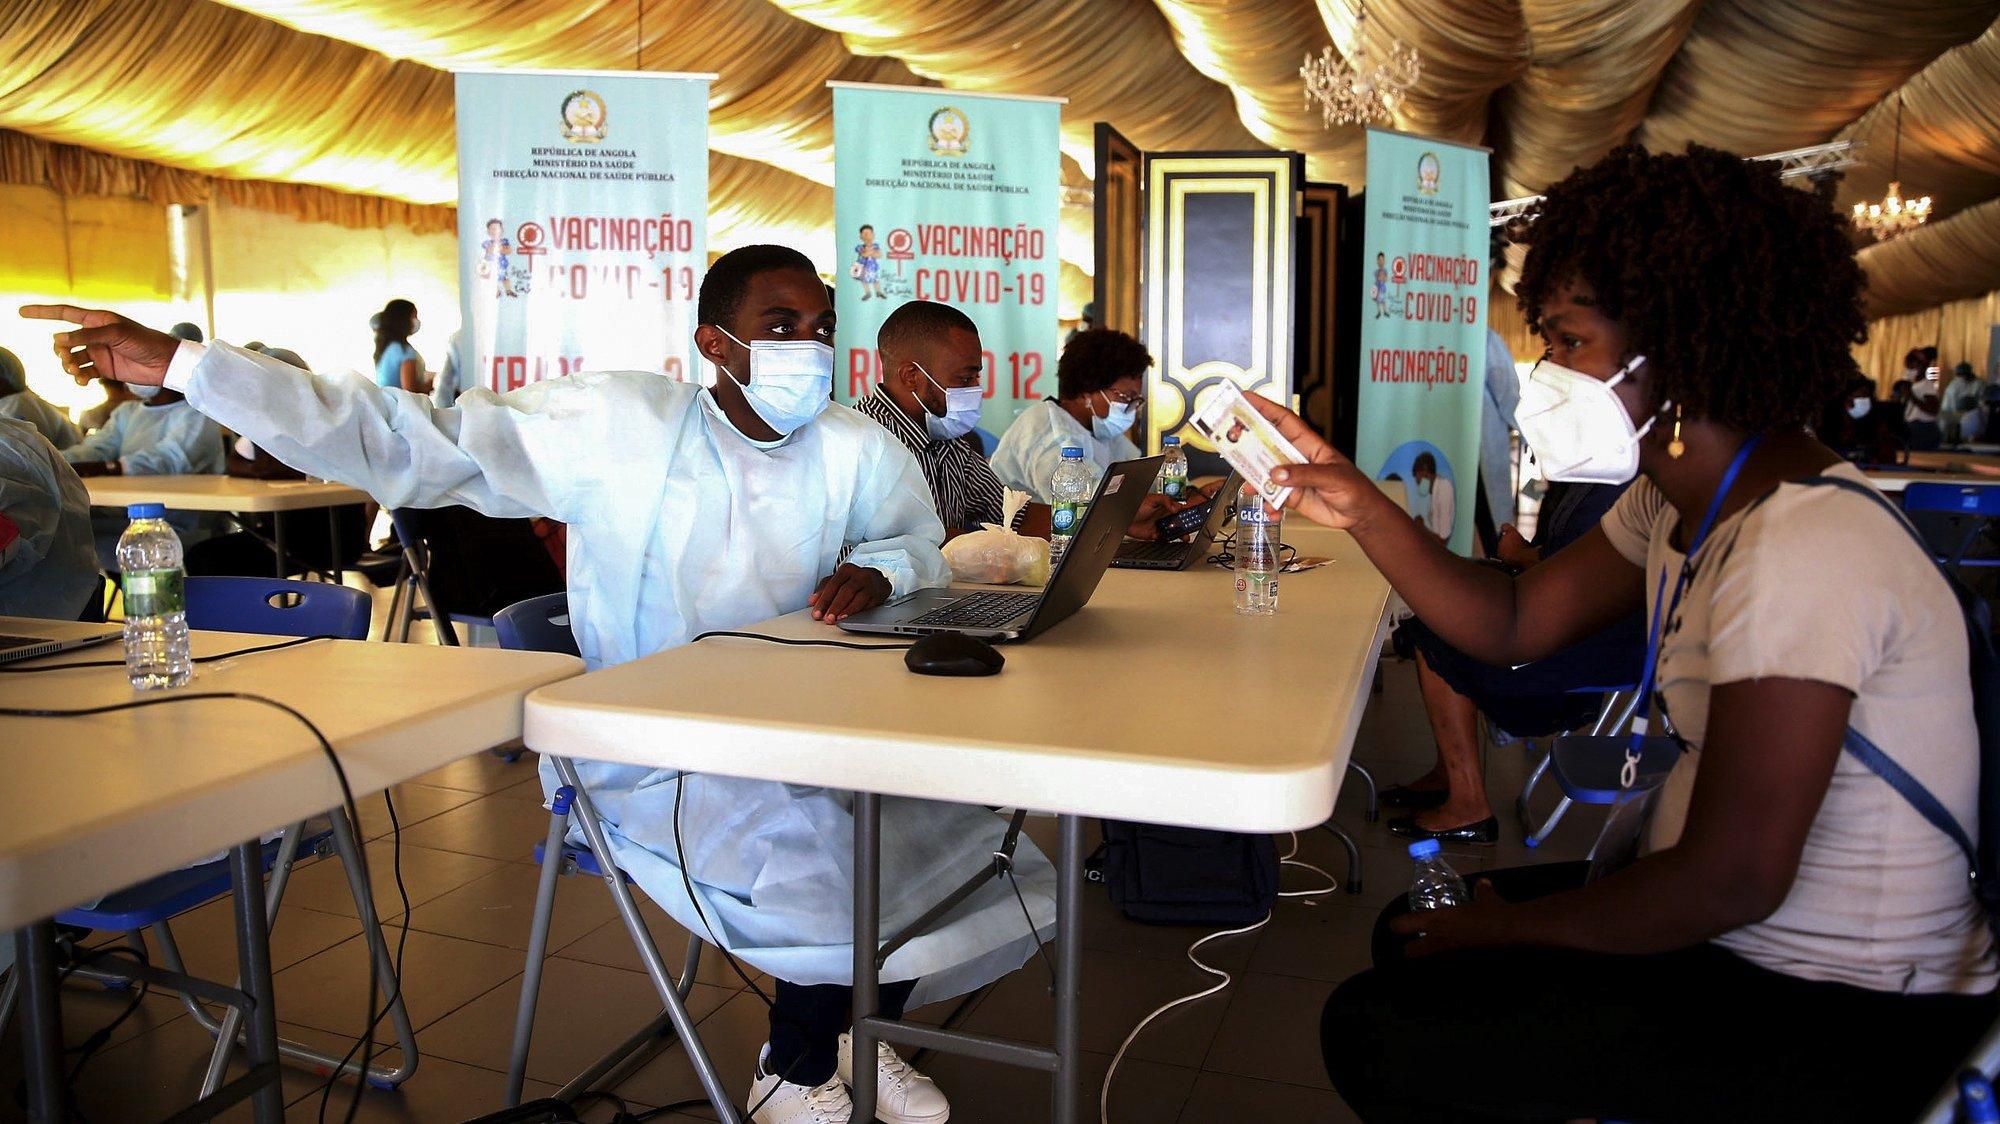 Campanha de vacinação no centro Paz Flor, em Luanda, Angola, 12 de maio de 2021. Angola registou até à presente data 29.146 casos positivos de covid-19, dos quais 639 óbitos, com 25.145 recuperados, estando ativos 3.362. AMPE ROGÉRIO/LUSA